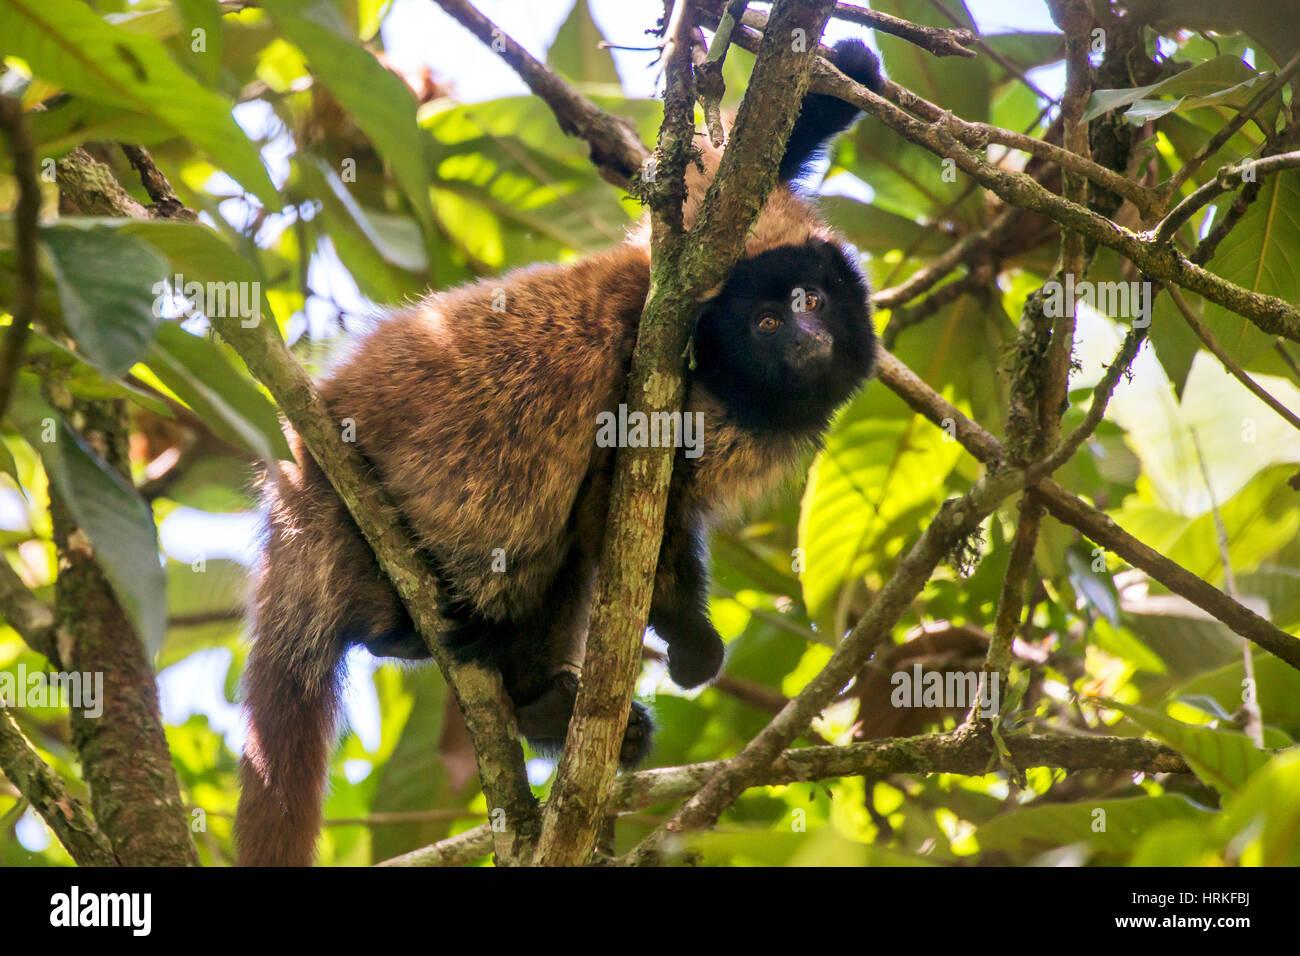 Mascherato scimmia Titi (Callicebus personatus), fotografato a Santa Teresa, Espirito Santo - Brasile. Foresta atlantica Immagini Stock